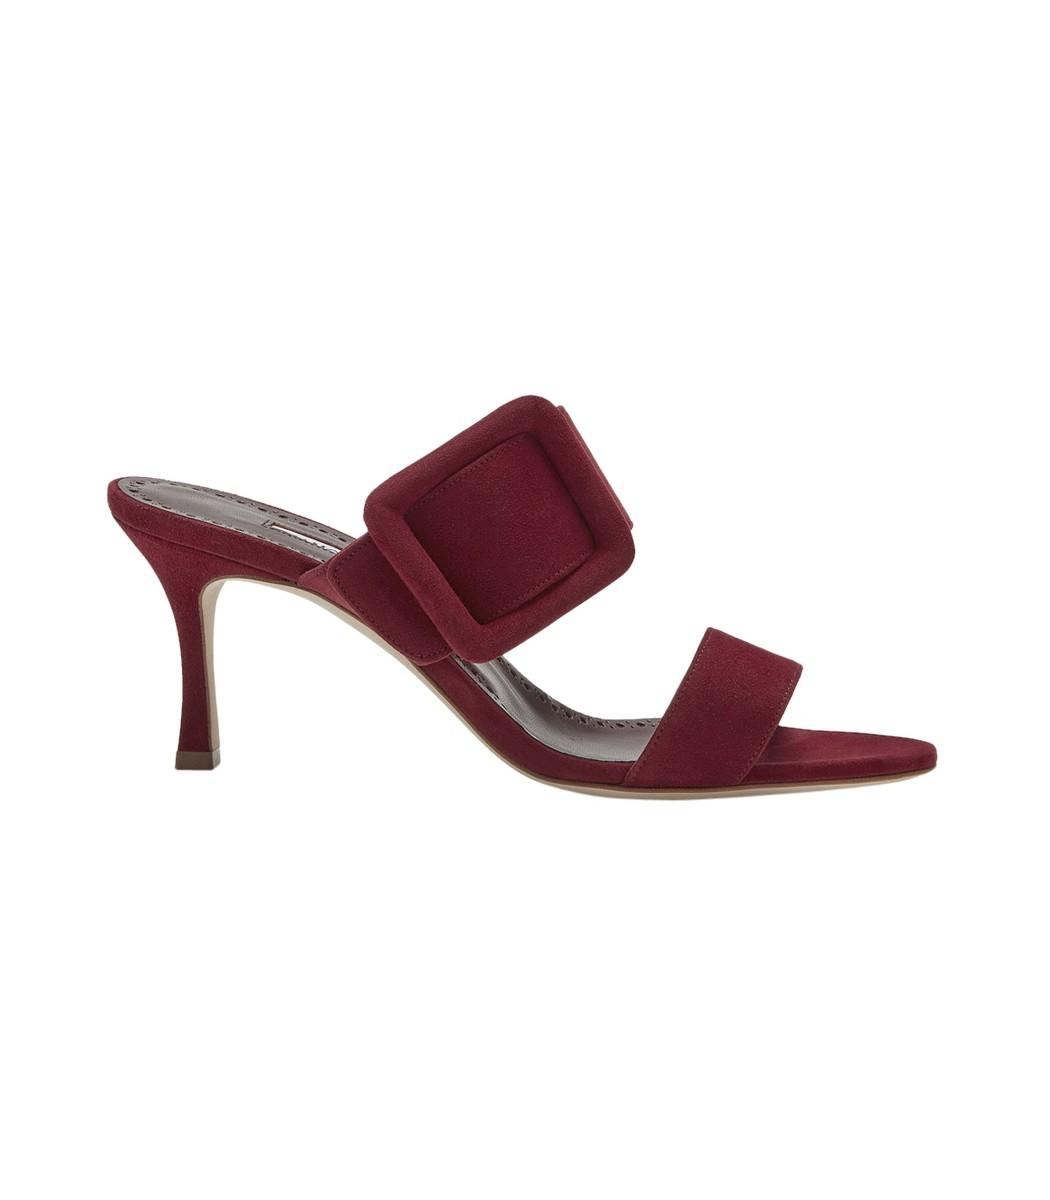 MANOLO BLAHNIK Suedes Dark Red Gable Sandals